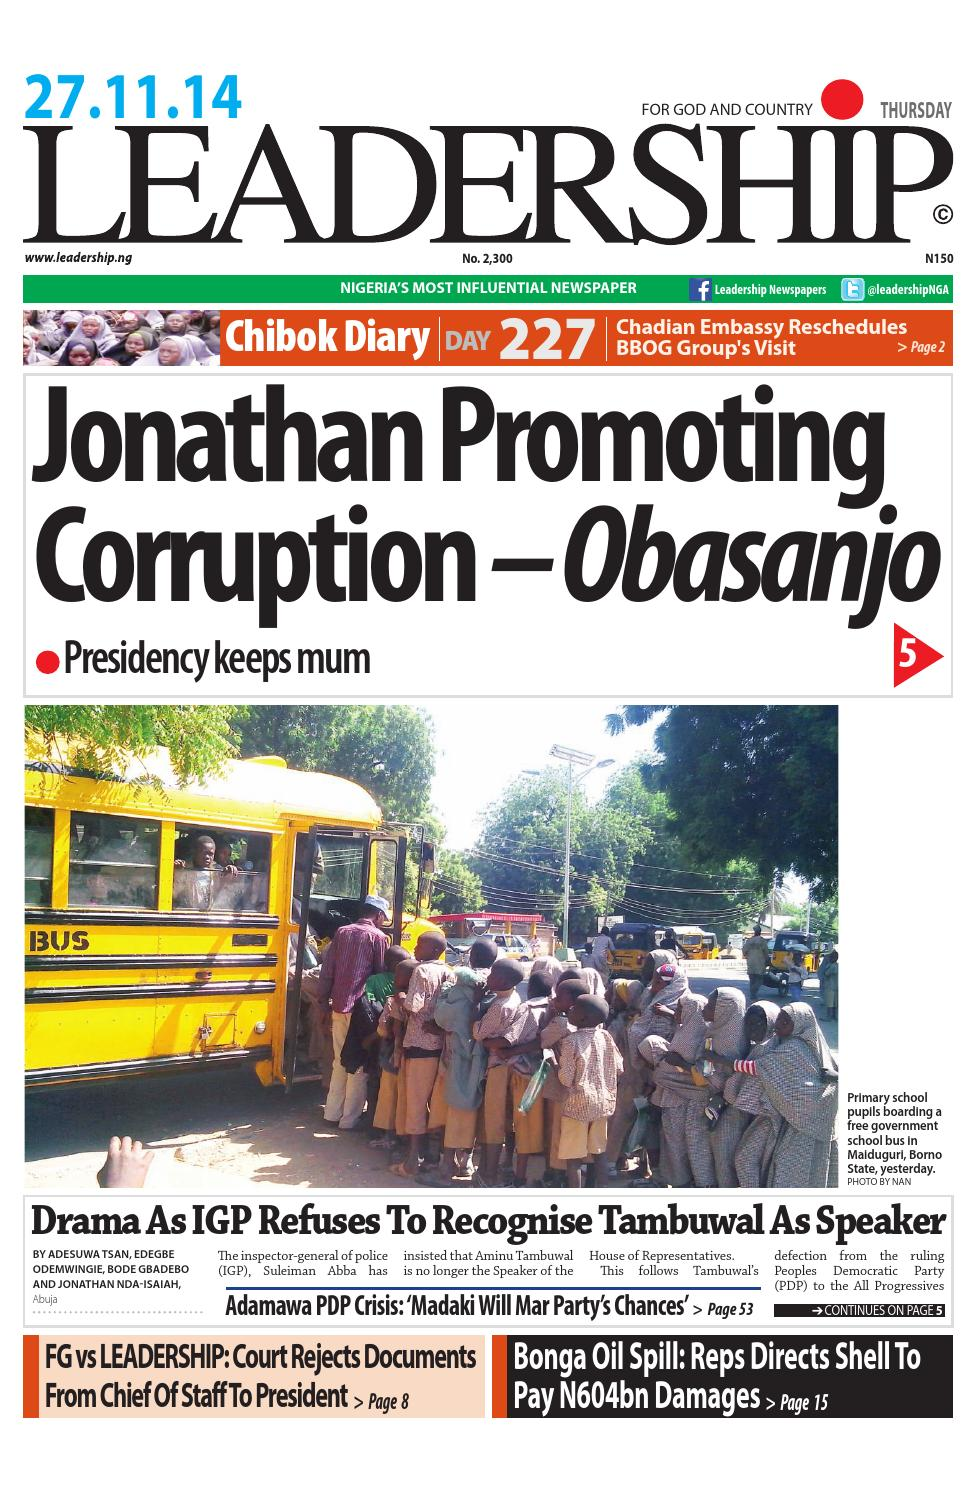 Leadership news by LEADERSHIP Newspaper - issuu